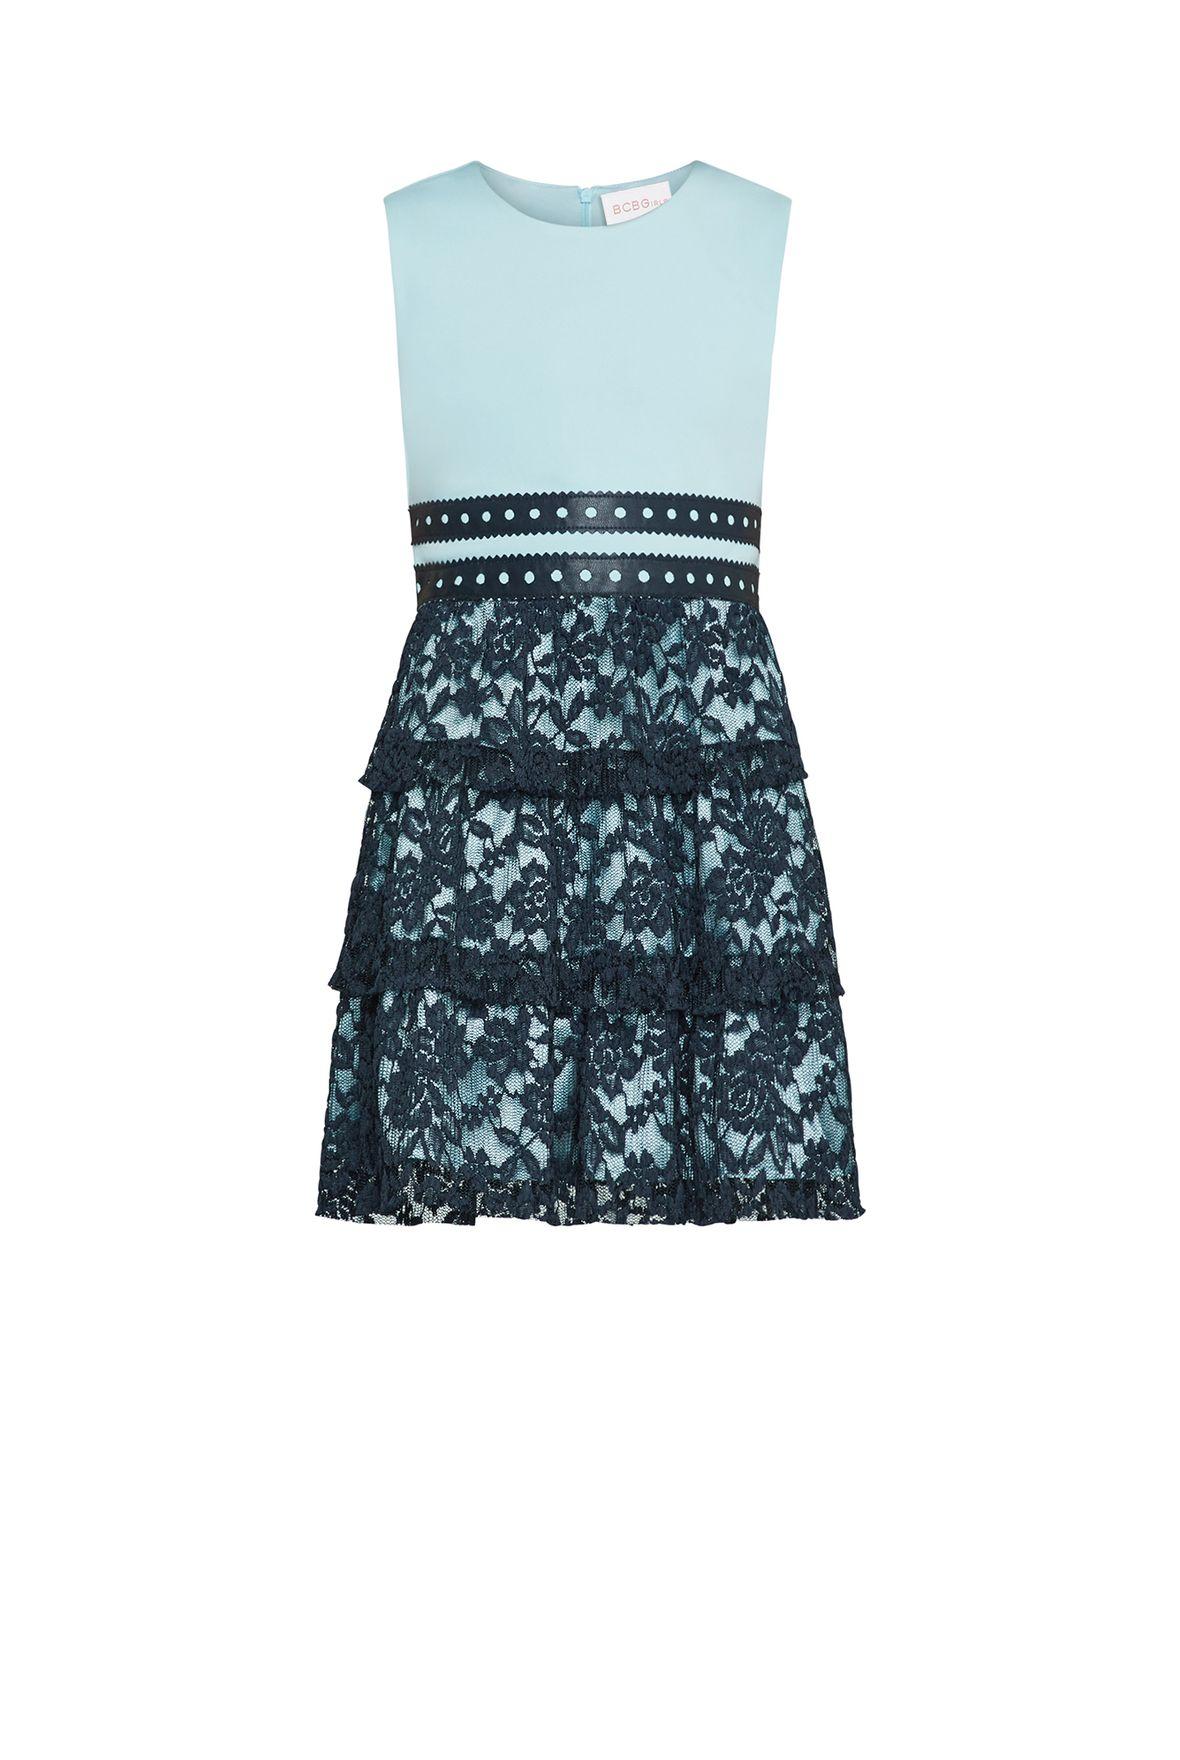 Vestido-BCBGirls-azul-con-encaje-B638DR196_SKL_e